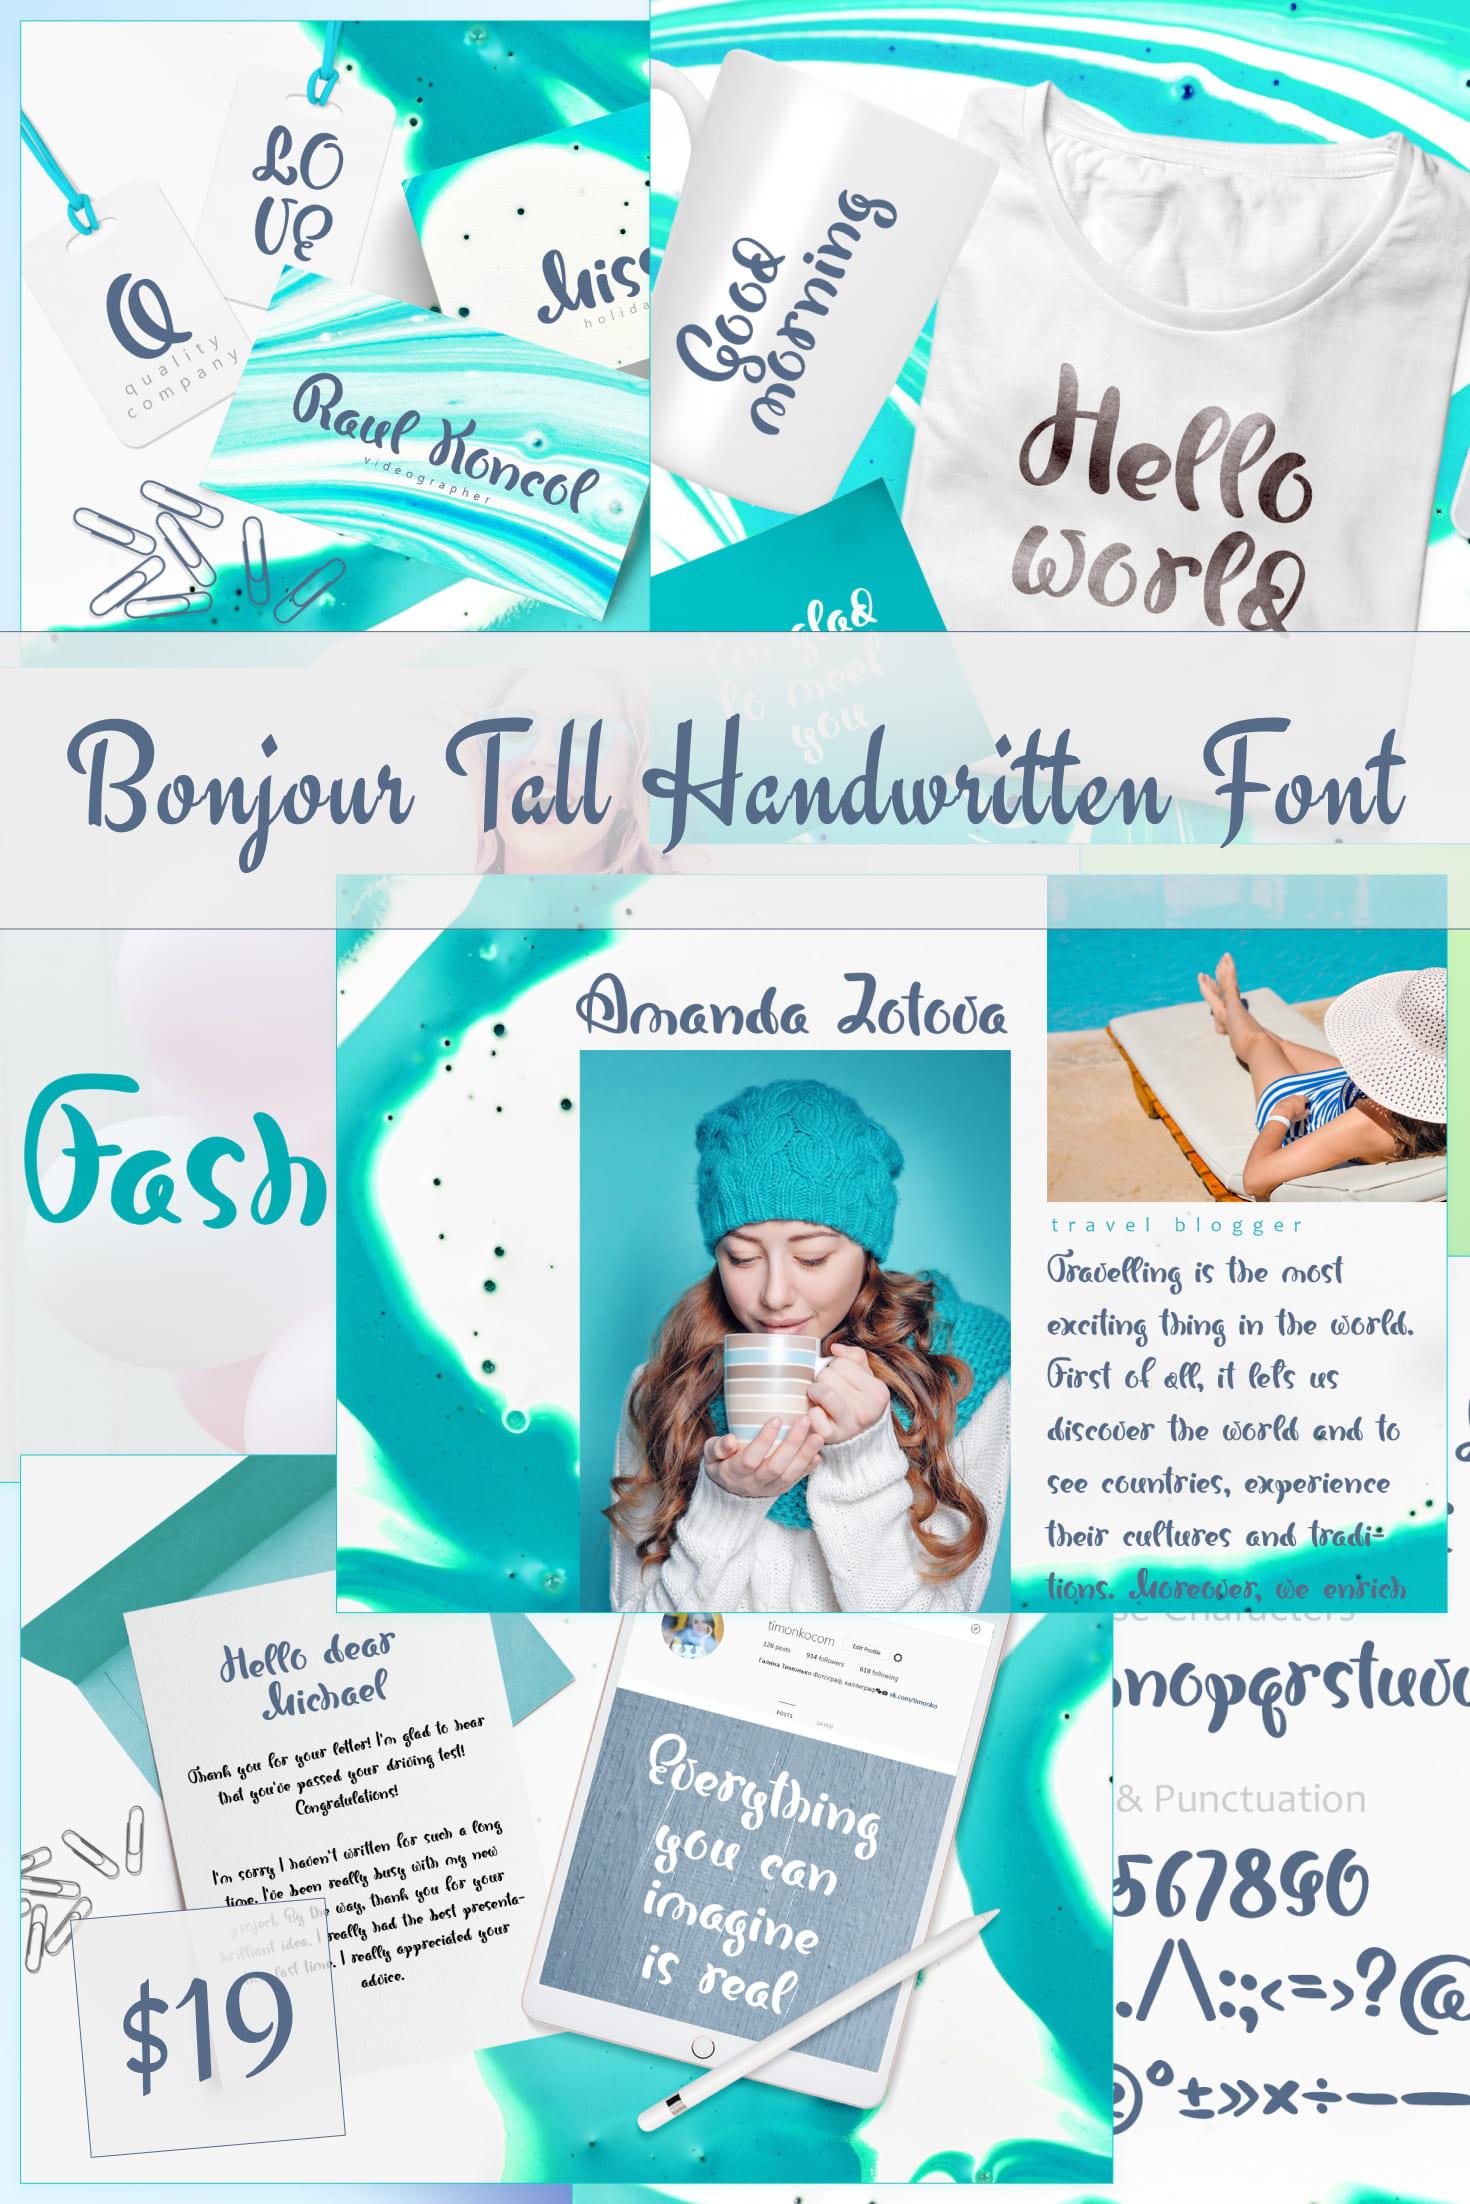 Pinterest Image: Bonjour Tall Handwritten Font 2020.